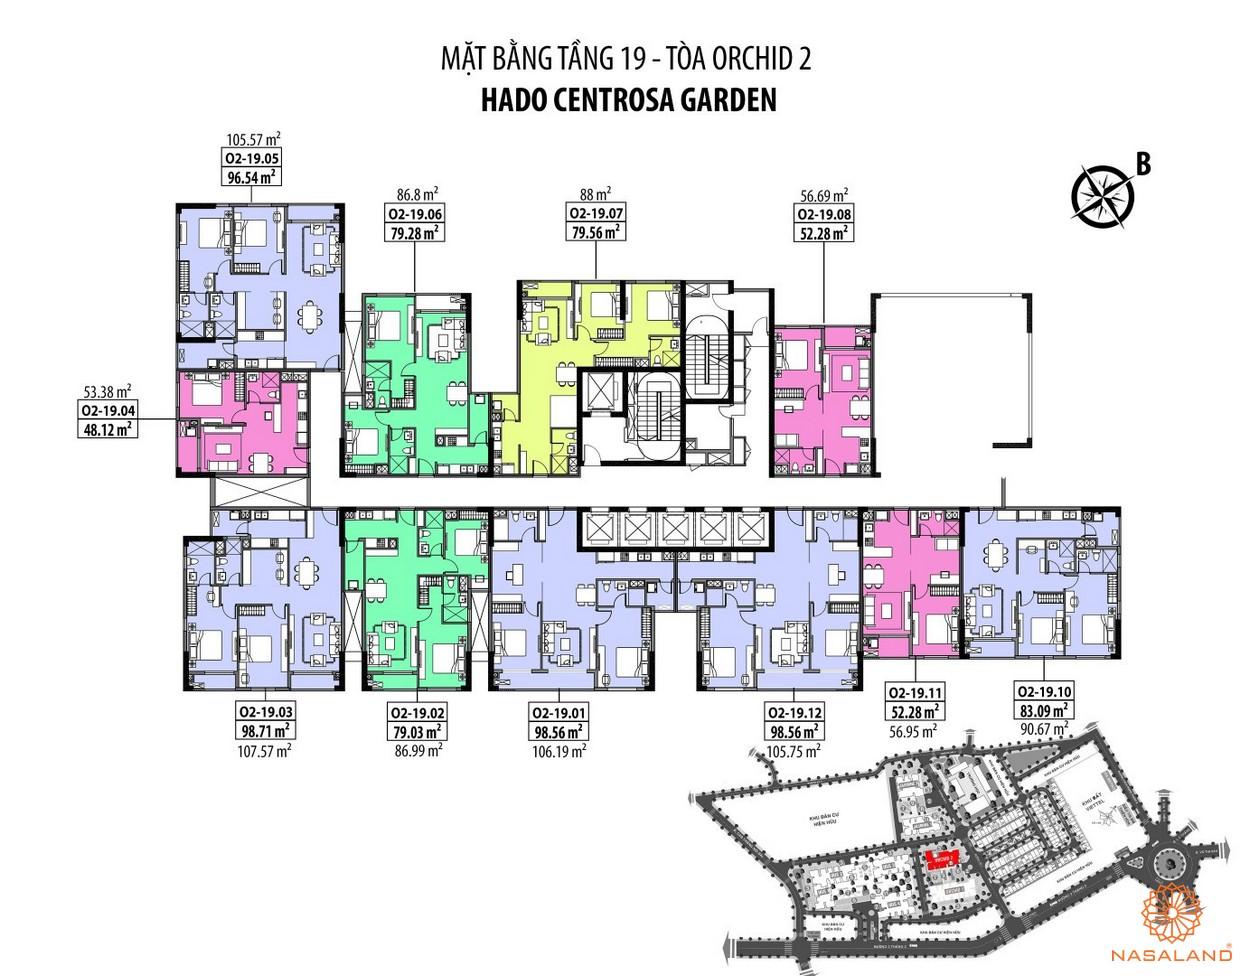 Mặt bằng Hà Đô Centrosa căn hộ tầng 19 - tòa Orchid 2